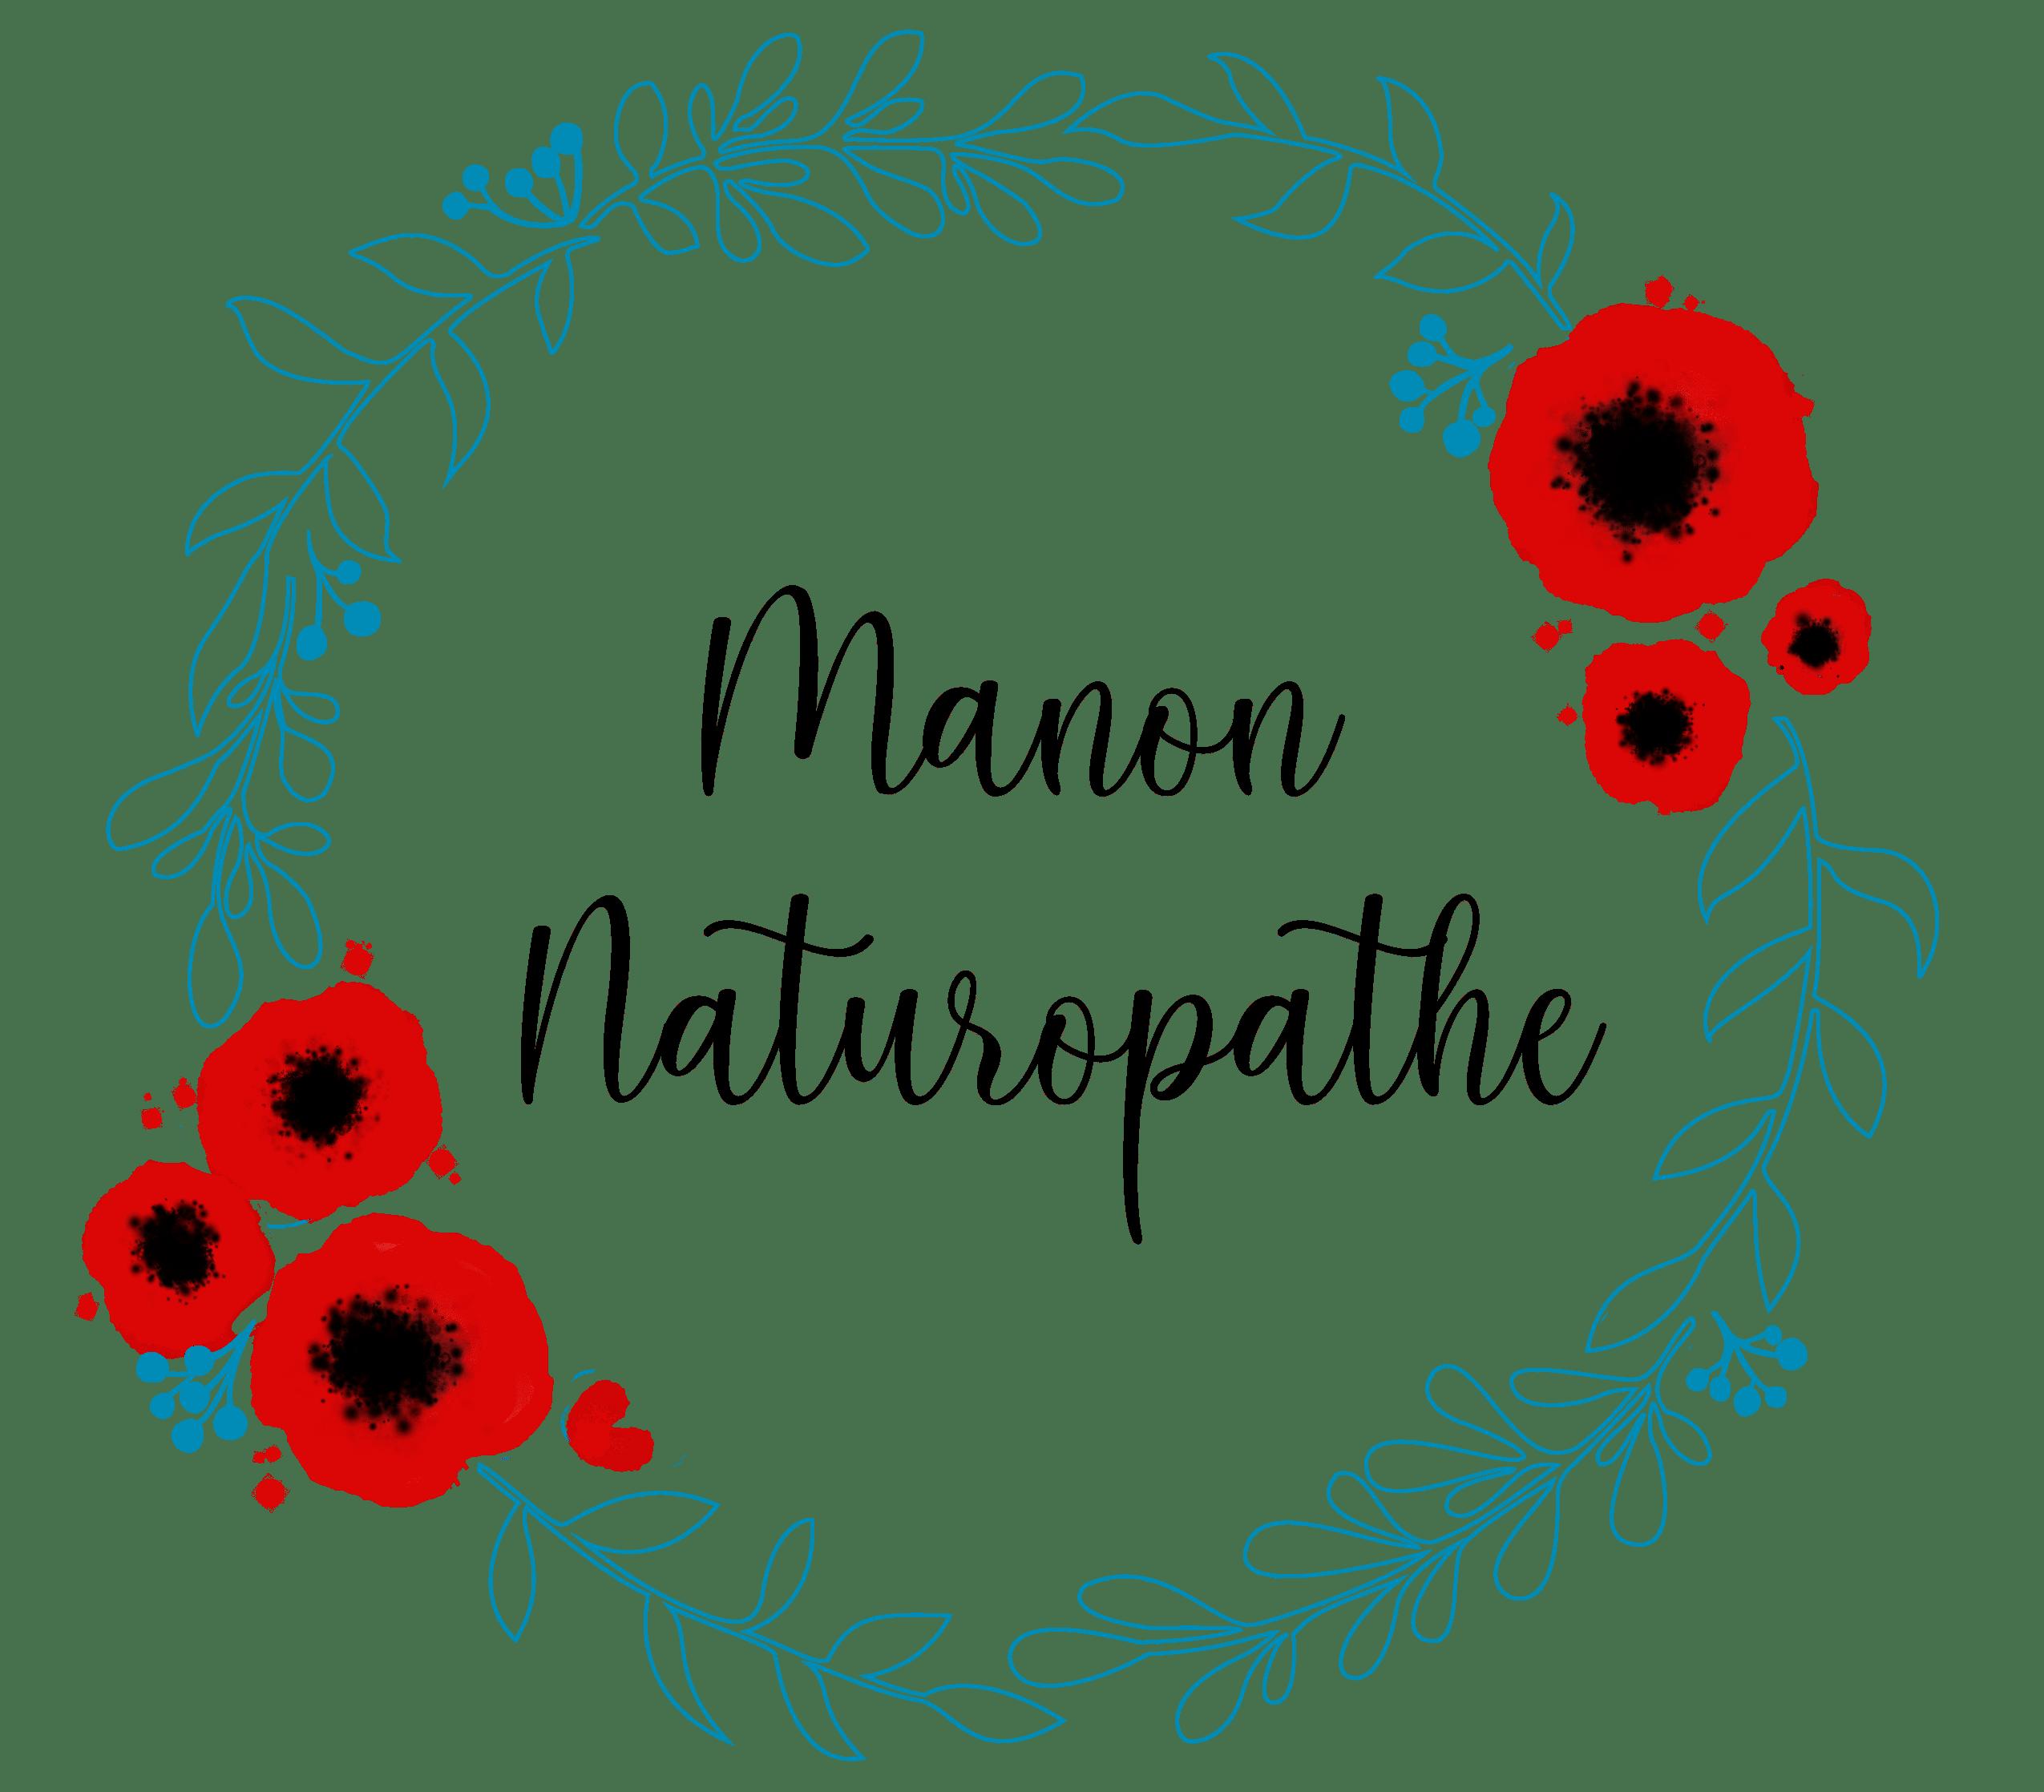 Manon Naturopathe